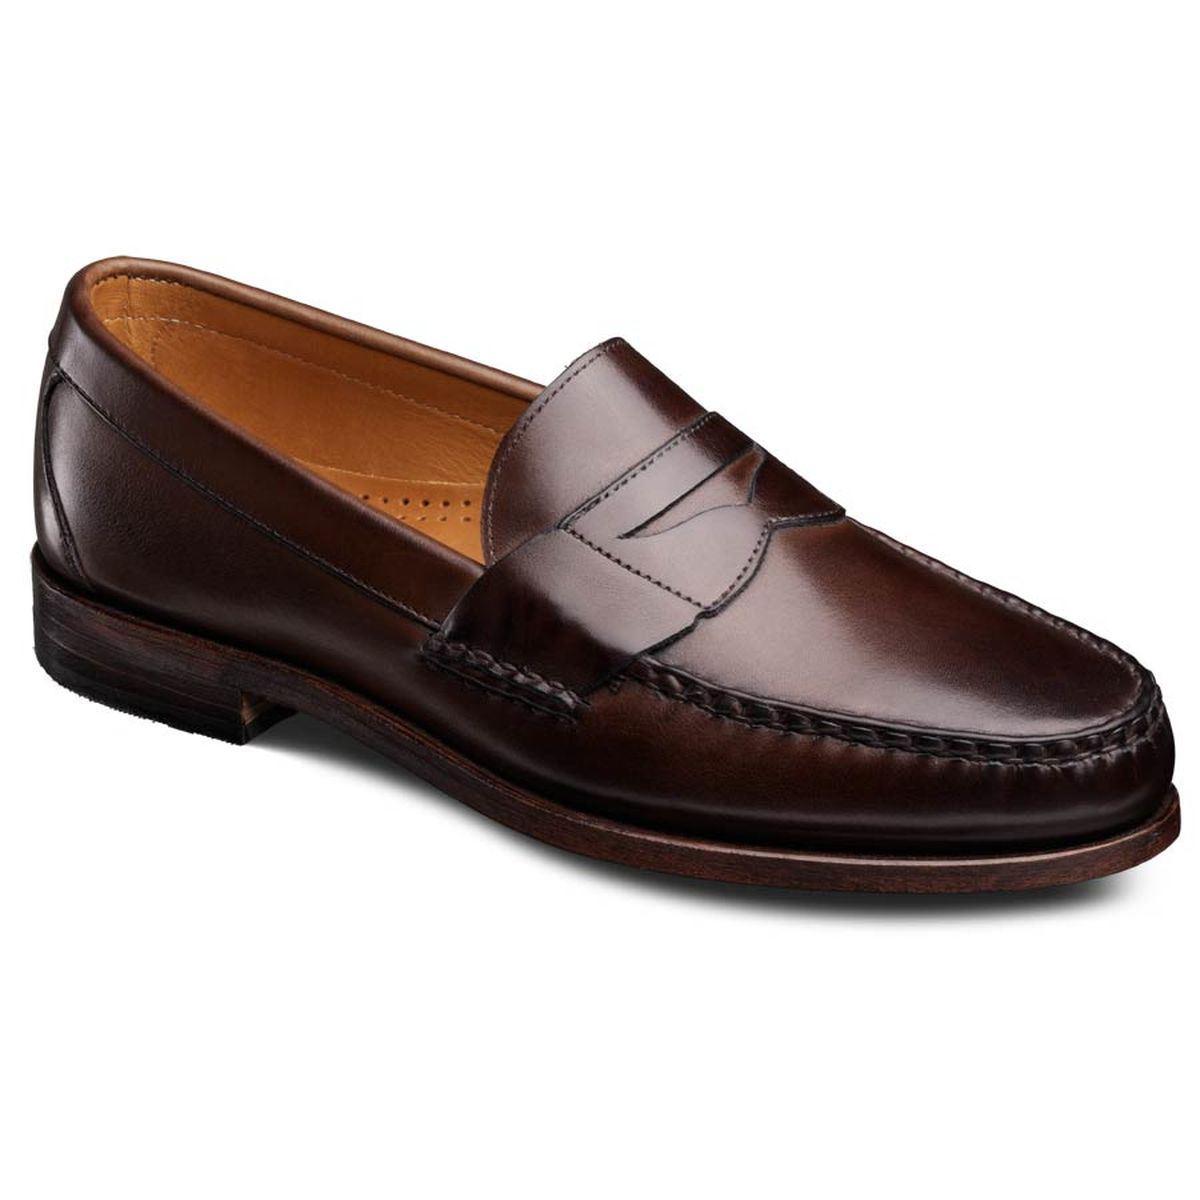 Mens Cream Shoes Ebay